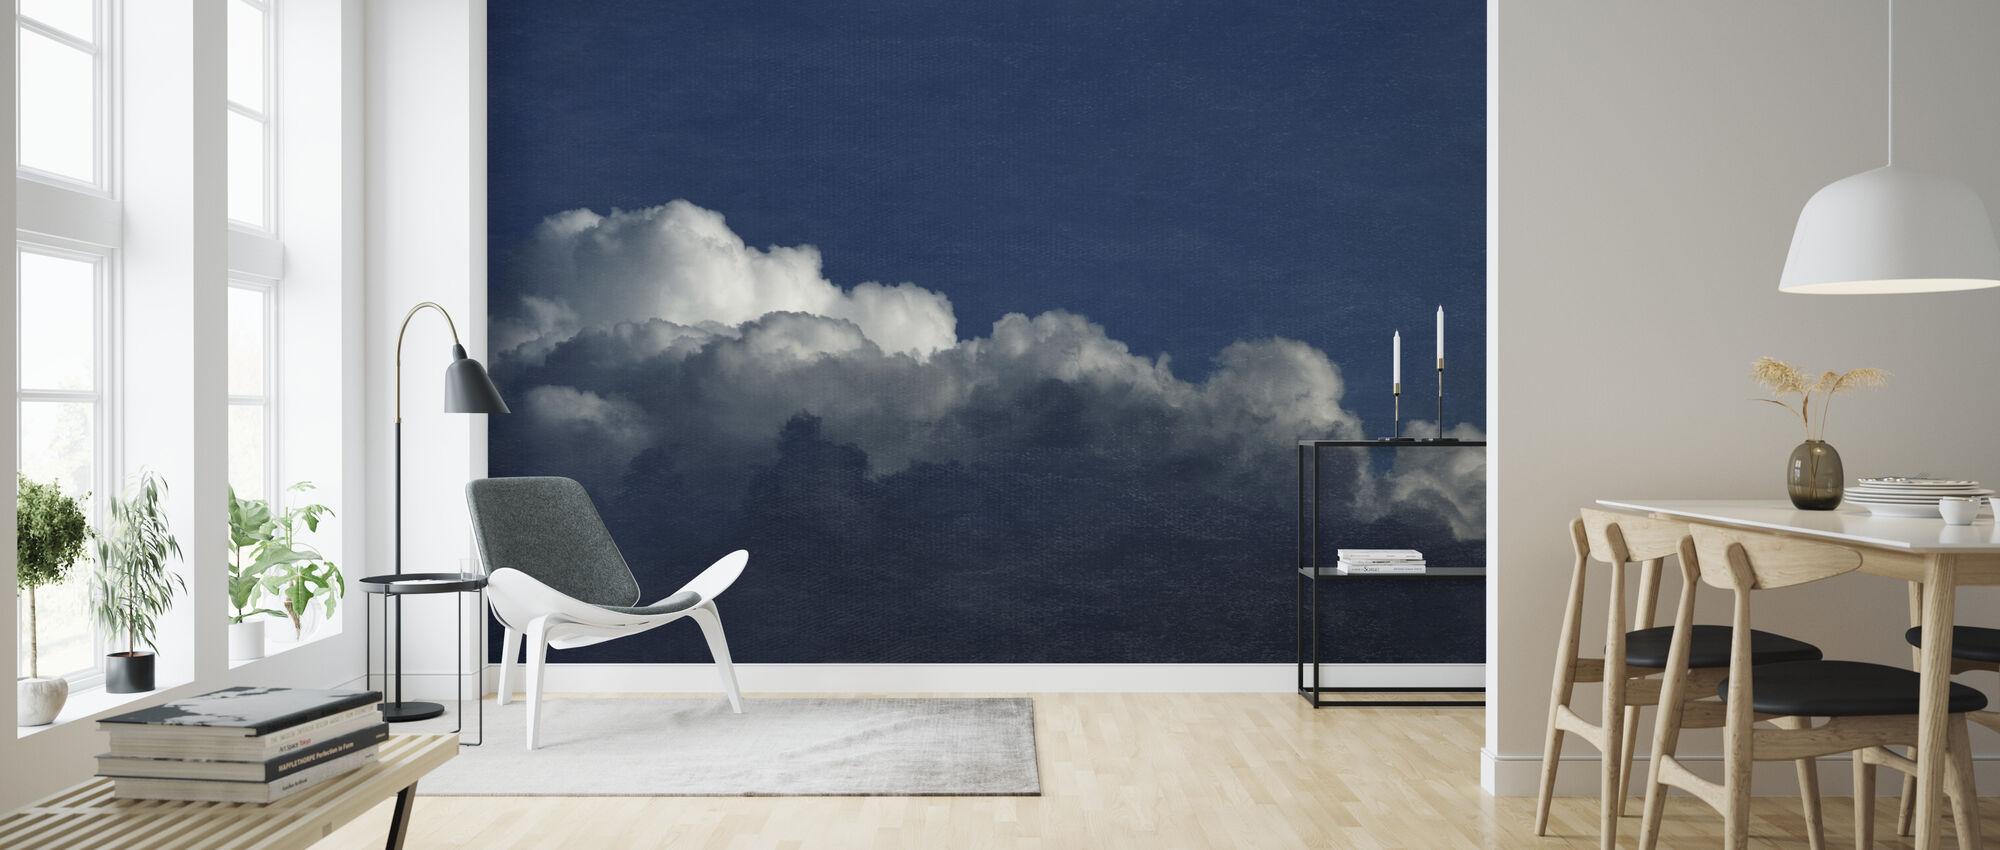 Gradient Cloud Filter III - Wallpaper - Living Room